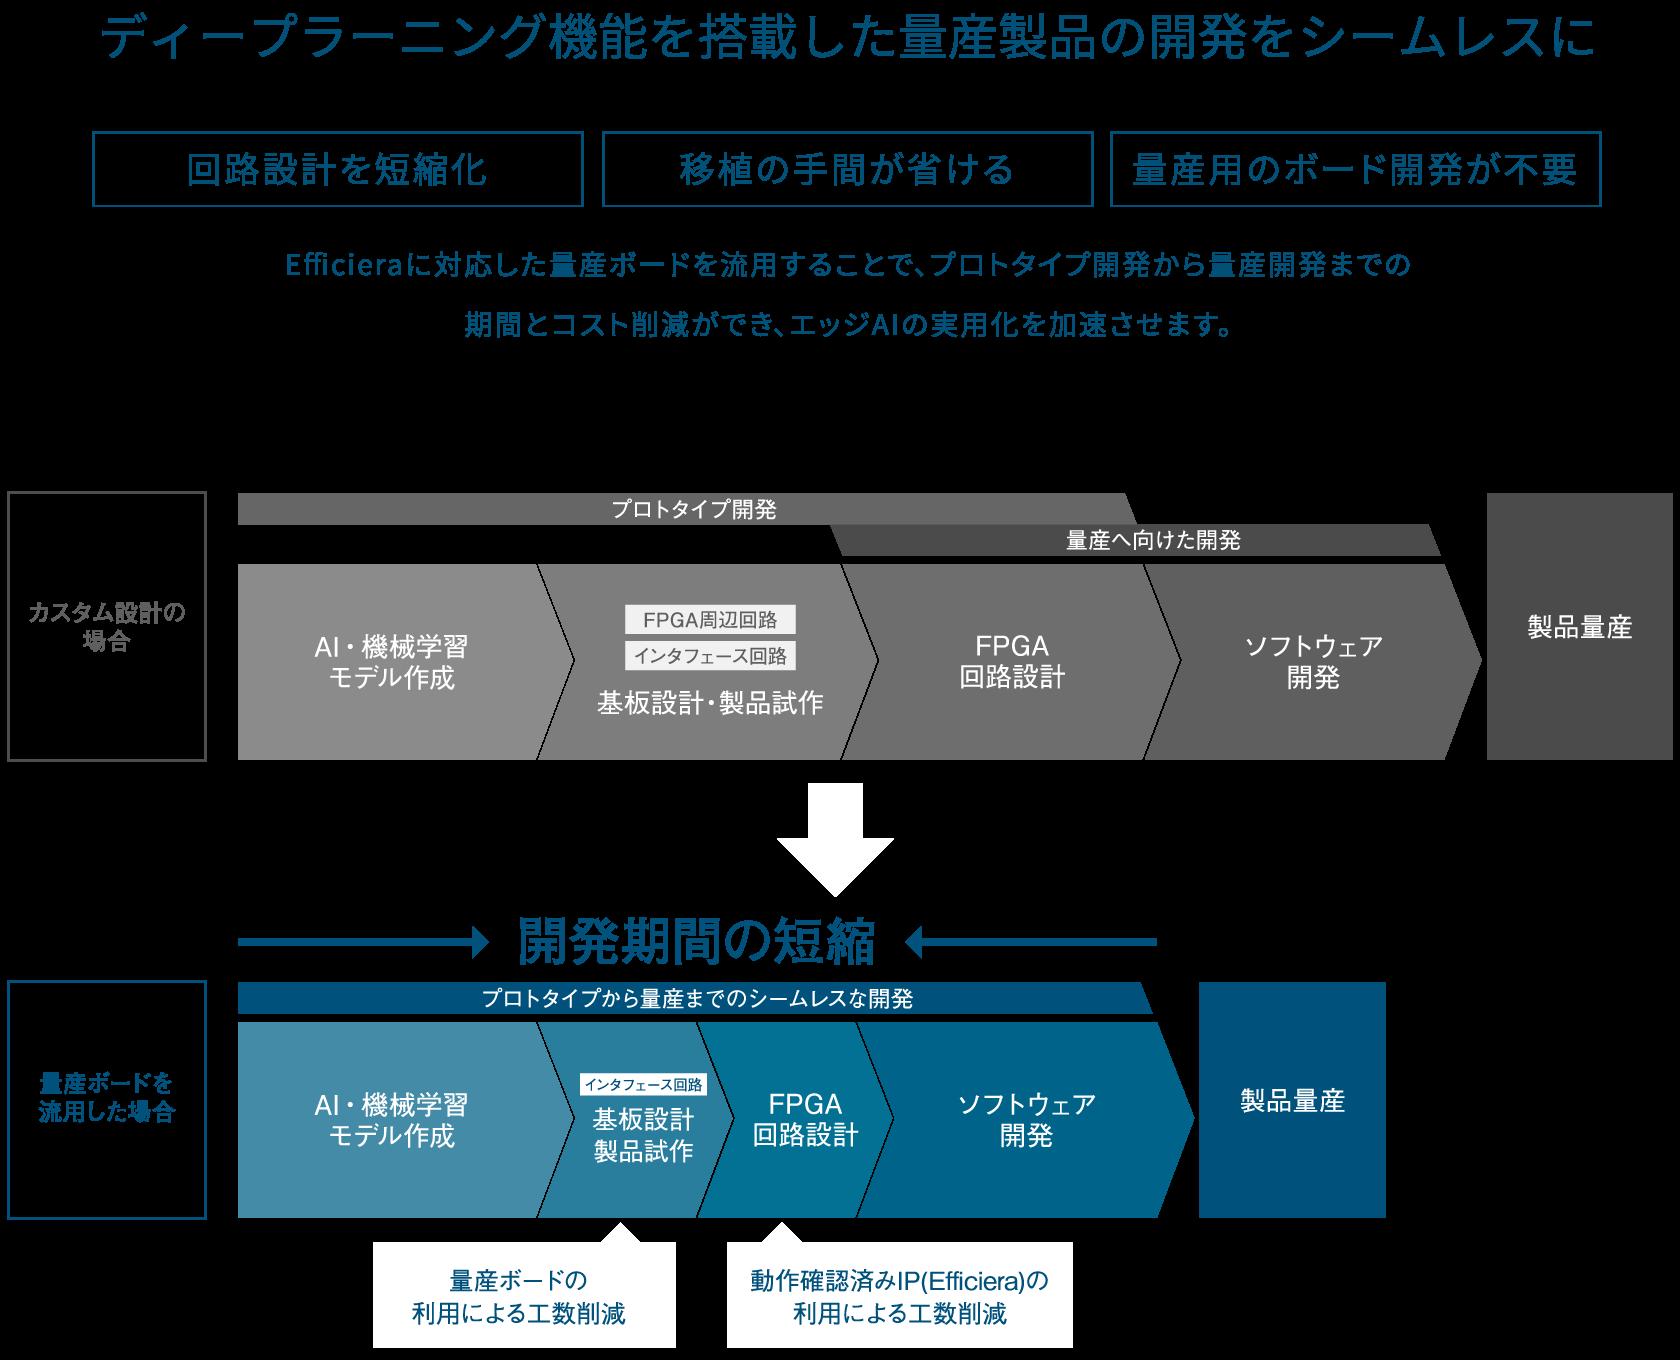 ディープラーニング機能を搭載したエッジアプリケーション量産製品の開発を促進